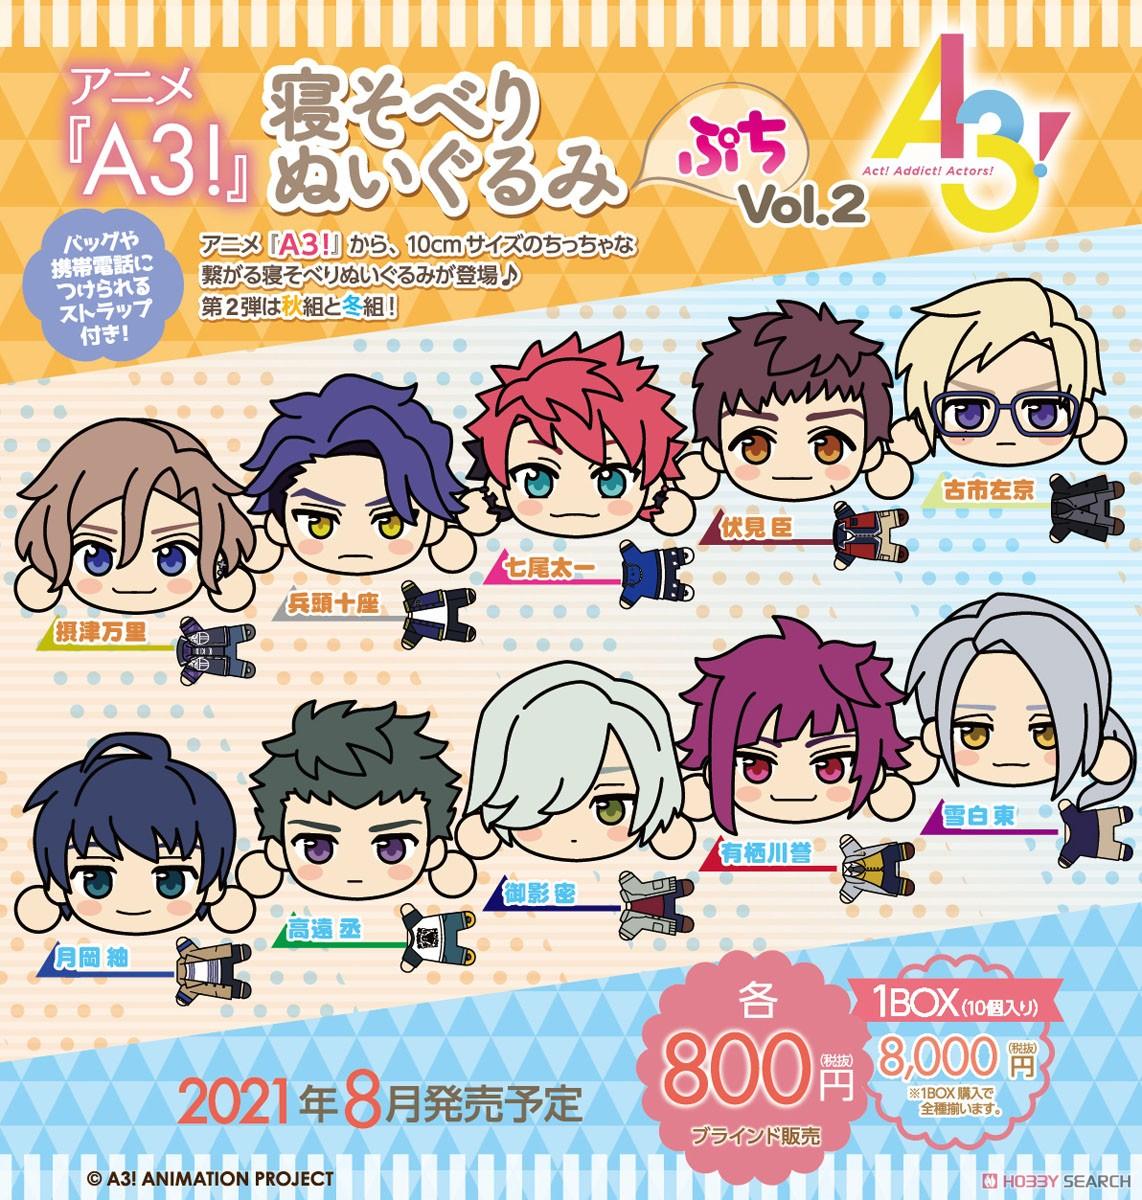 『A3! 寝そべりぬいぐるみ ぷち Vol.2』10個入りBOX-012